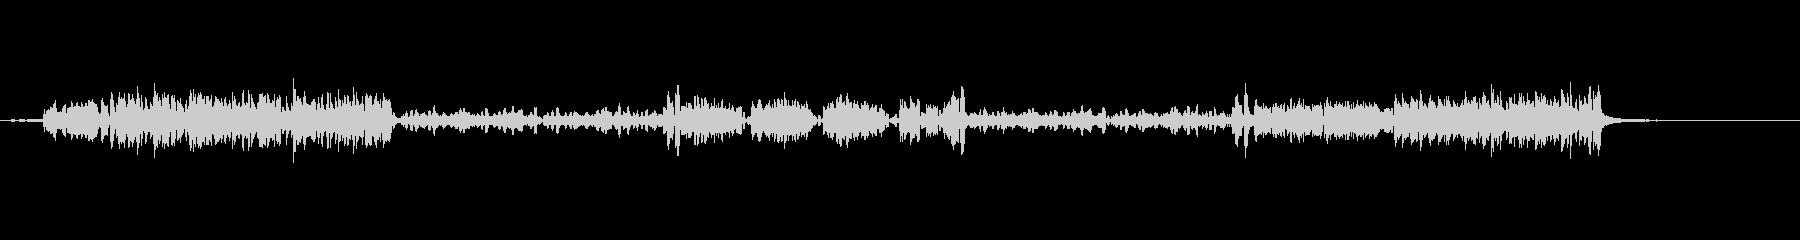 オーケストリオン、CALLIOPE...の未再生の波形